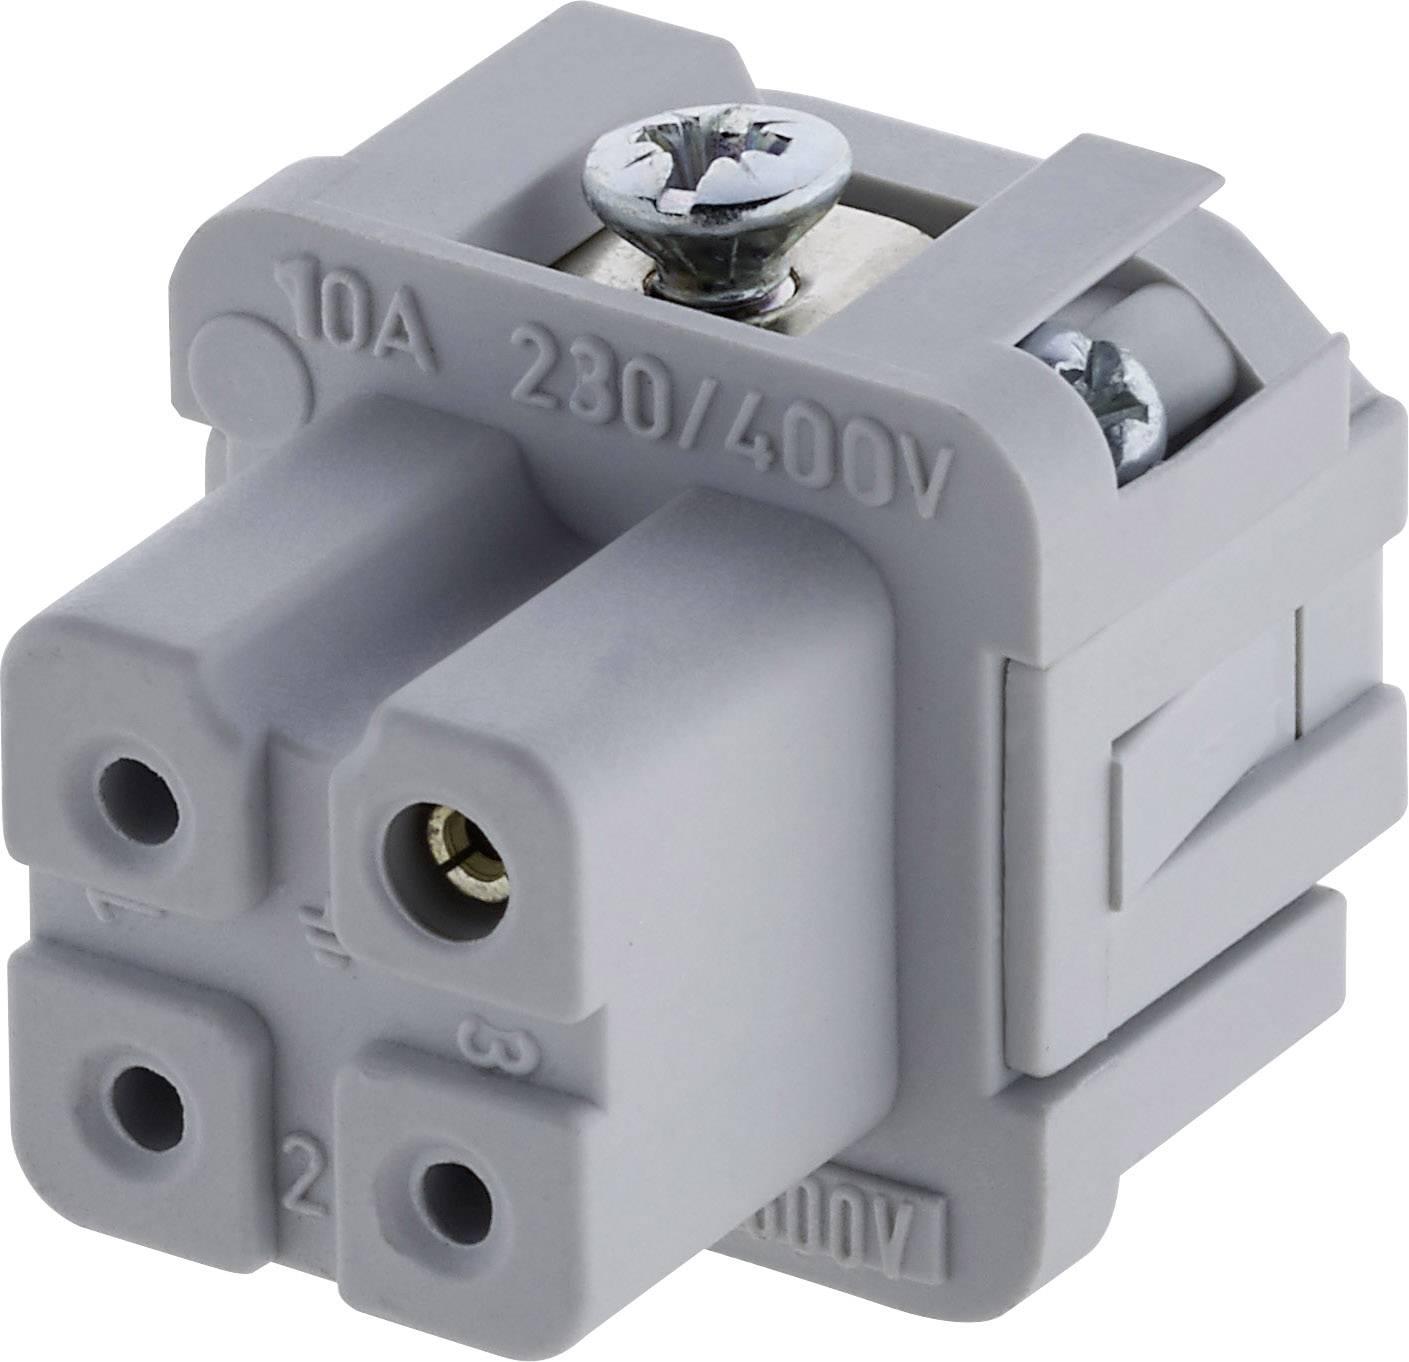 Sada konektorové zásuvky Heavy mate® C146 Amphenol C146 10B003 002 4, počet kontaktů 3 + PE, 1 ks